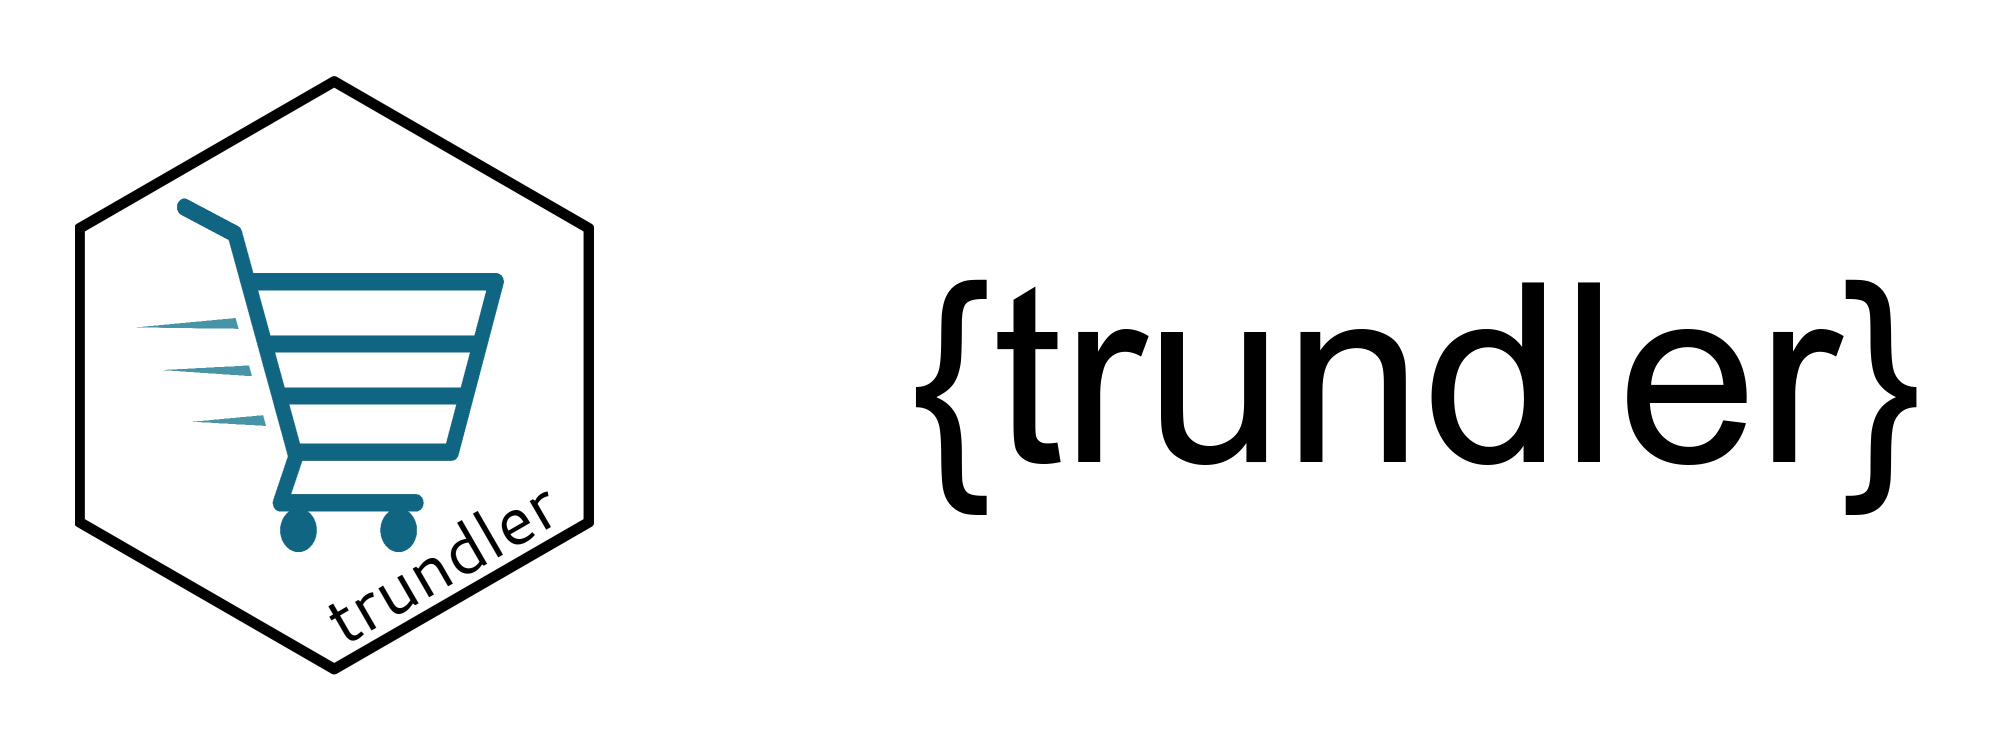 Trundler